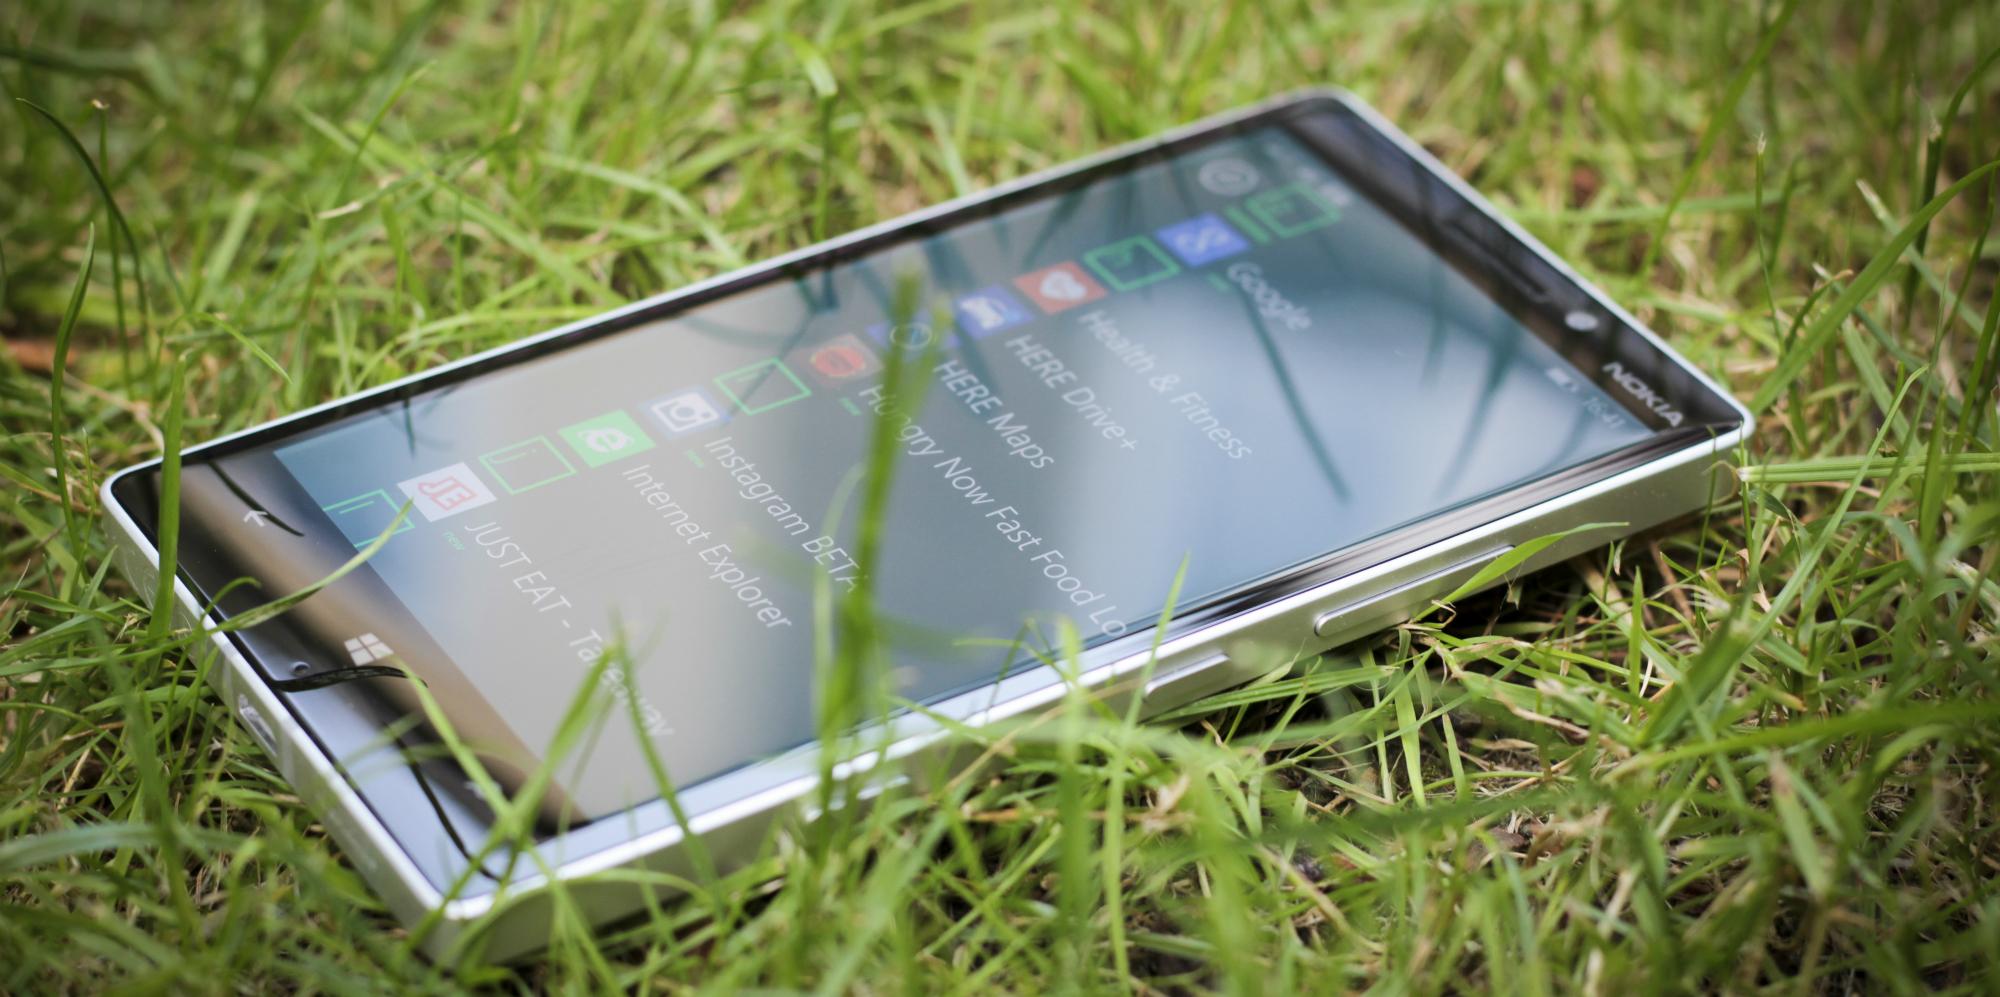 Lumia 930 viene con Windows Phone 8.1 actualizable a Windows 10